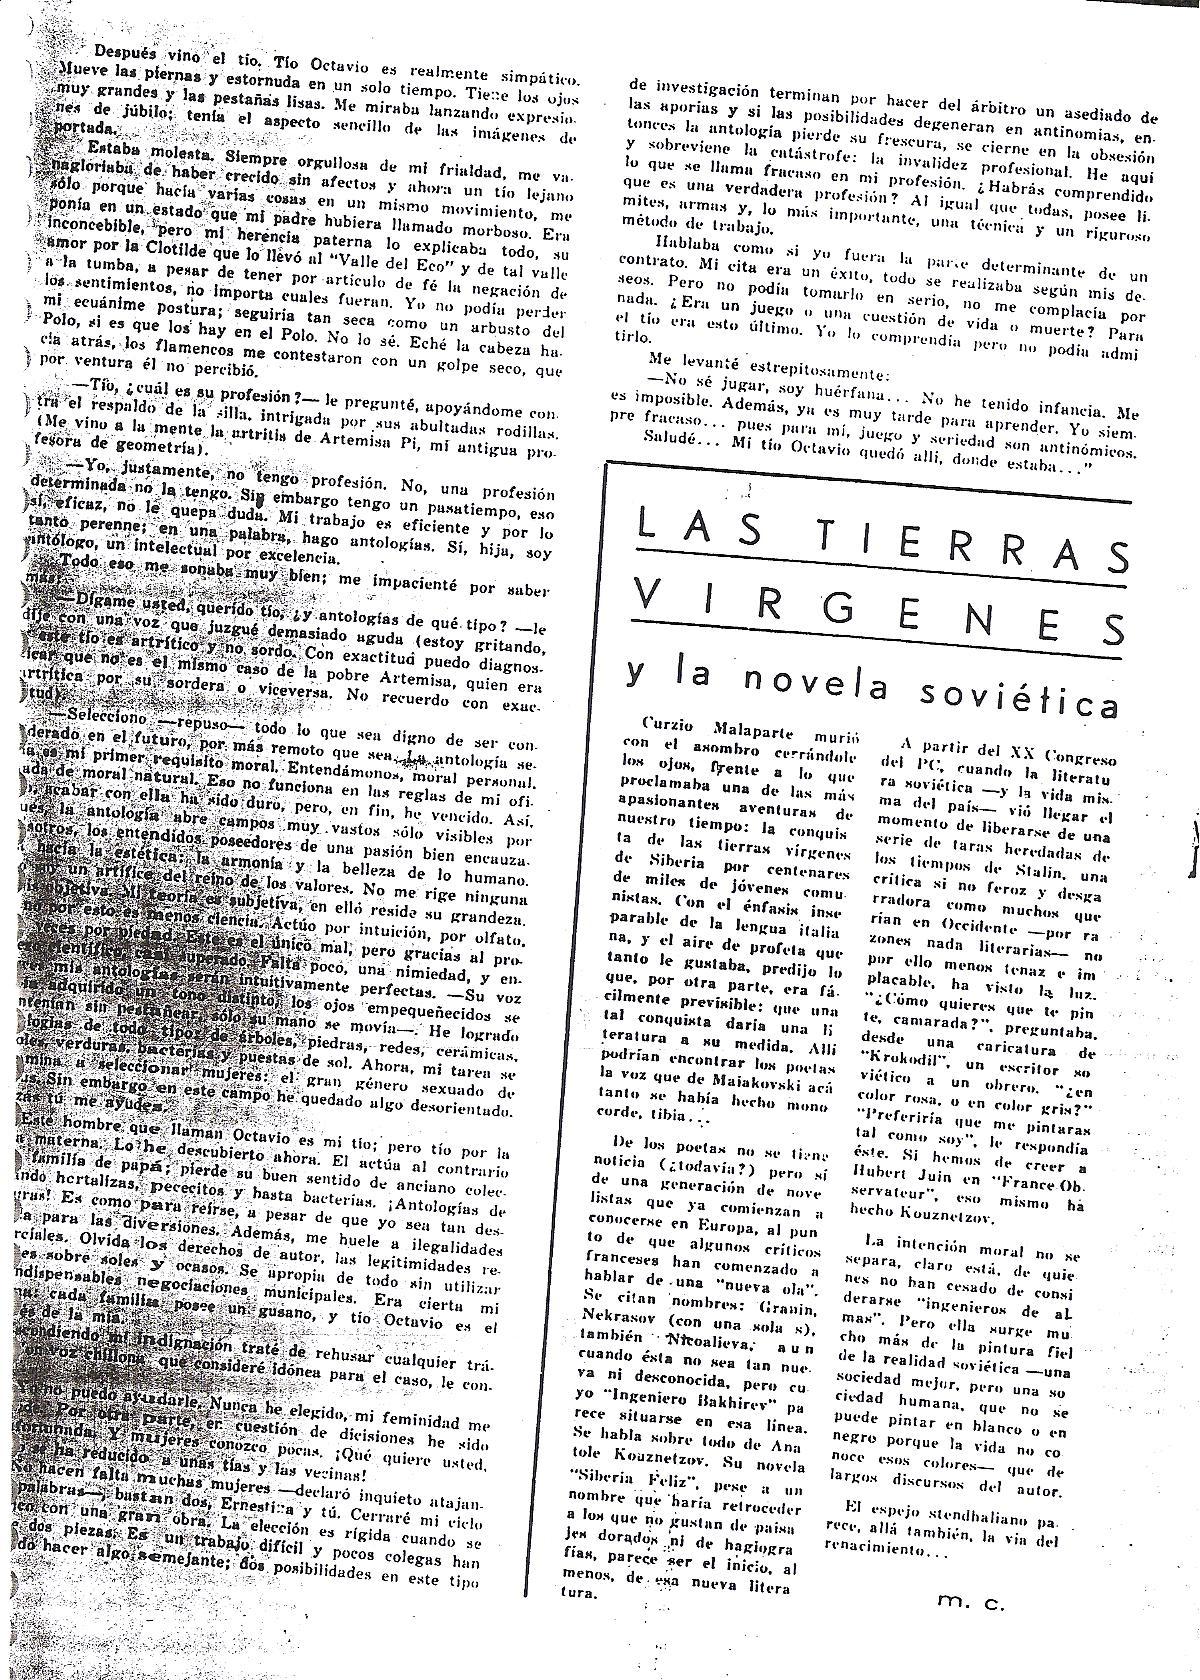 Las tierras virgenes y la novela sovietica 7